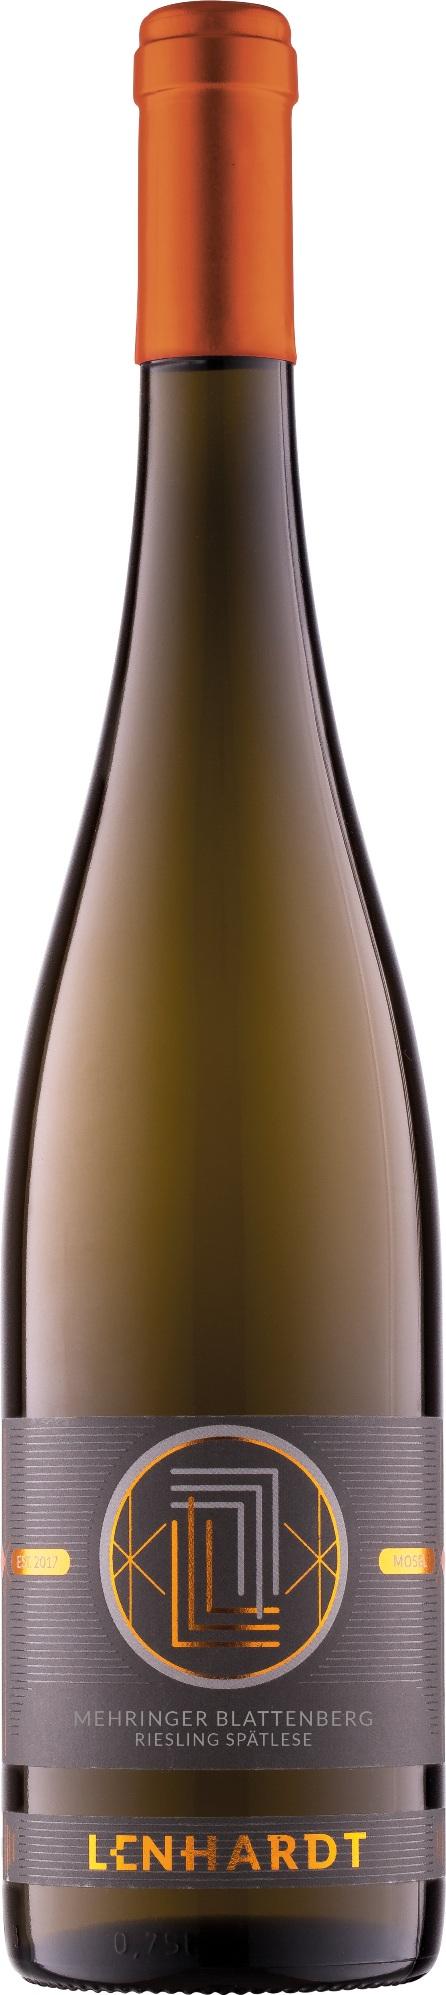 2019 Riesling Spätlese Mehringer Blattenberg Qualitätswein